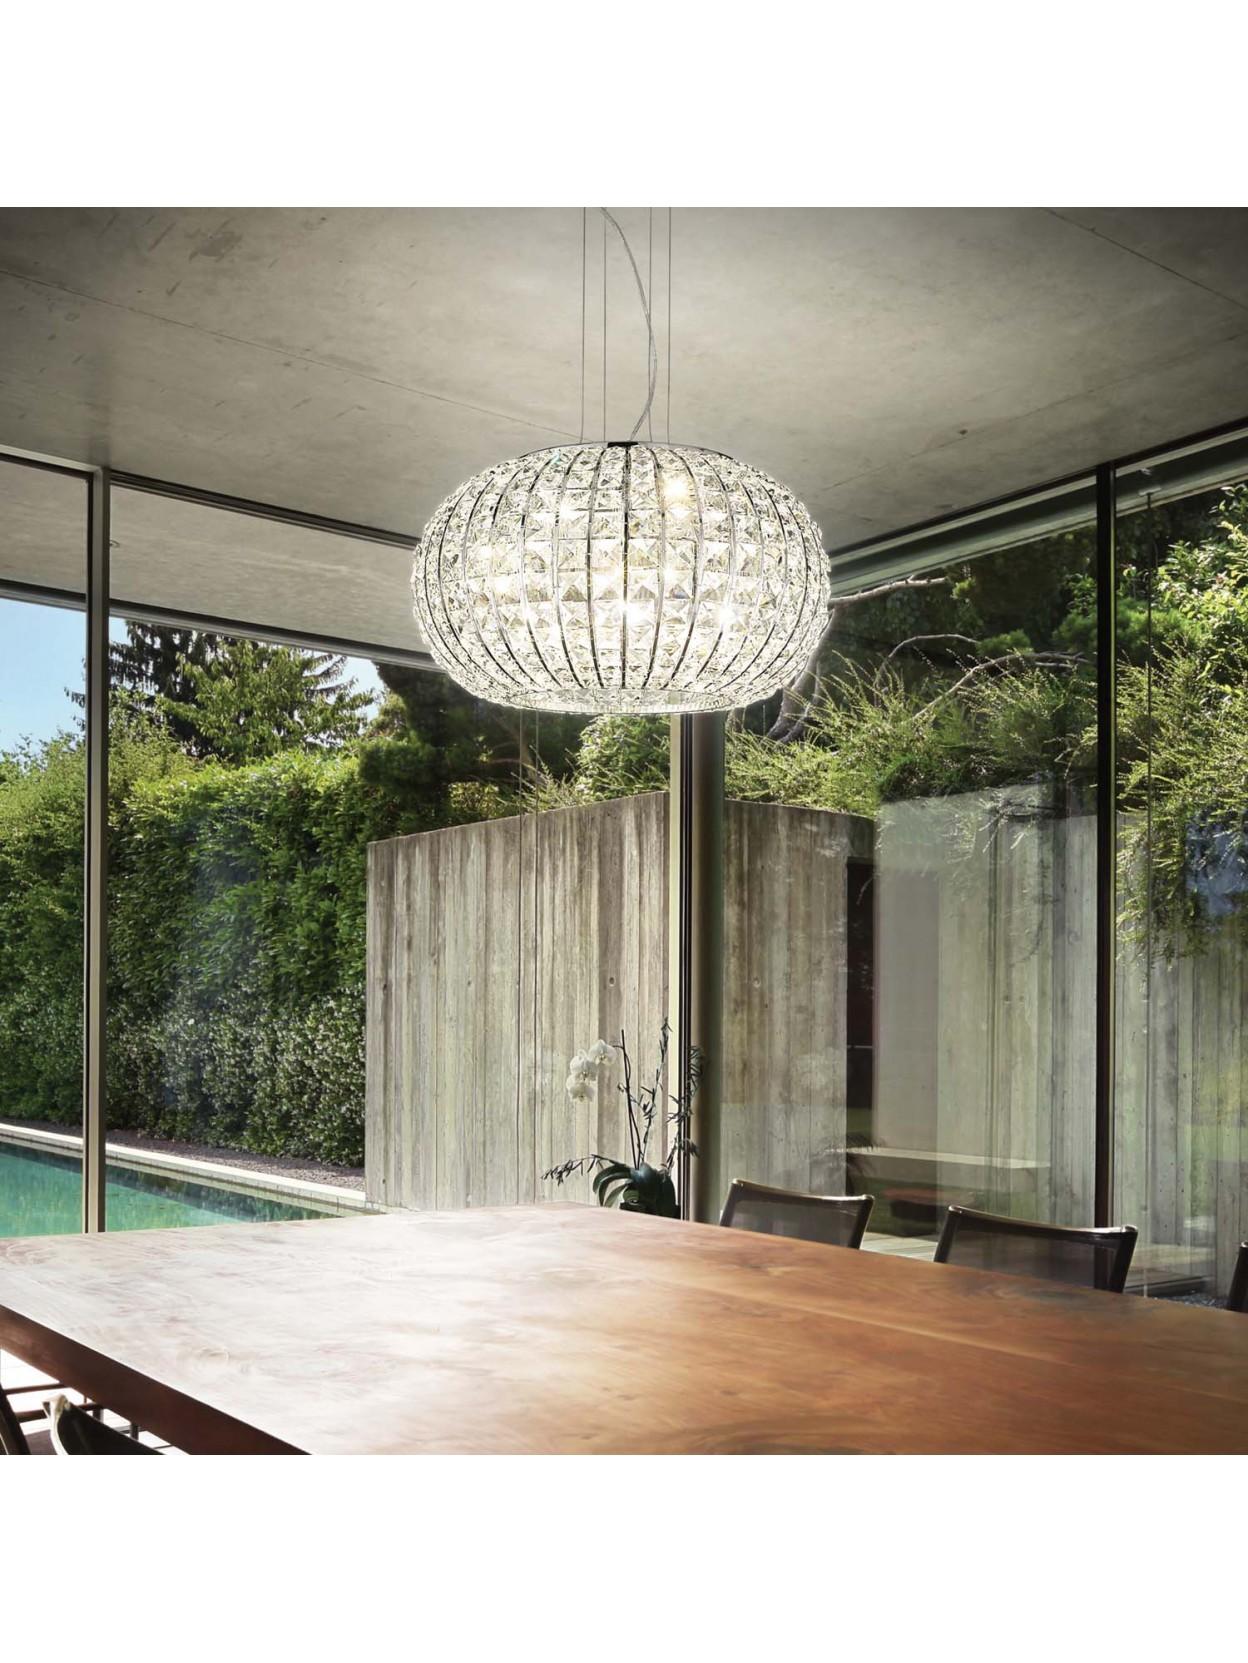 Lampadario Moderno Con Cristalli Kidal Cattelan : Lampadario cristallo moderno lampadari in